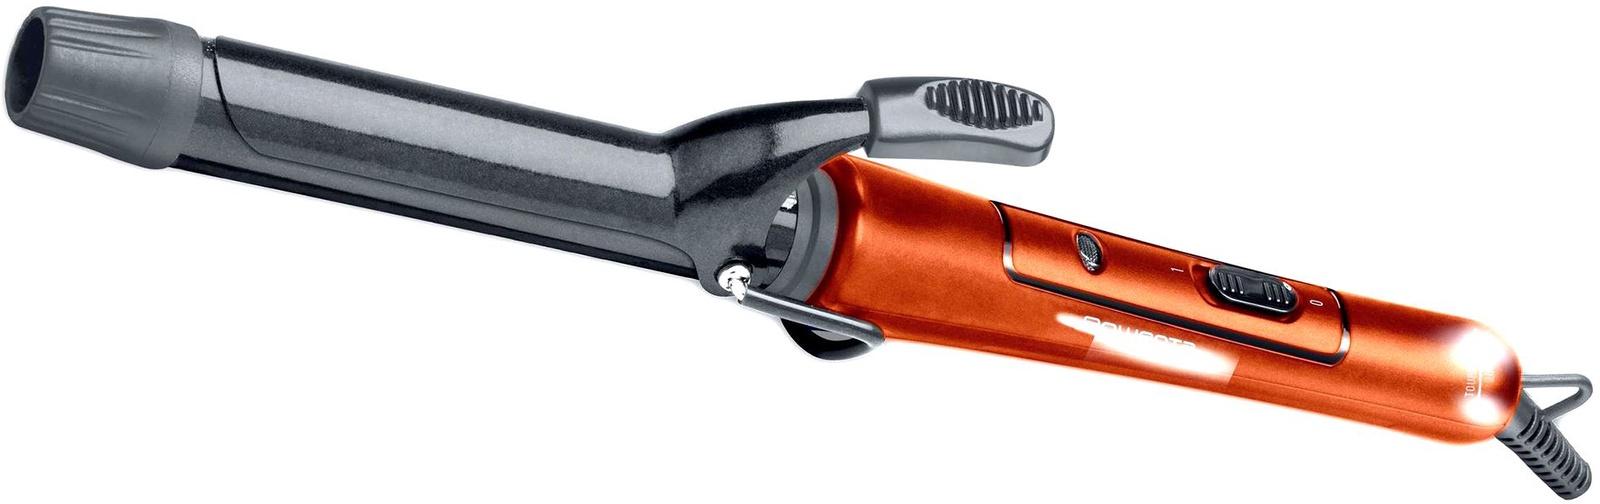 Щипцы для завивки Rowenta CF3316F0, красный, черный щипцы rowenta cv3810foвт белый коричневый